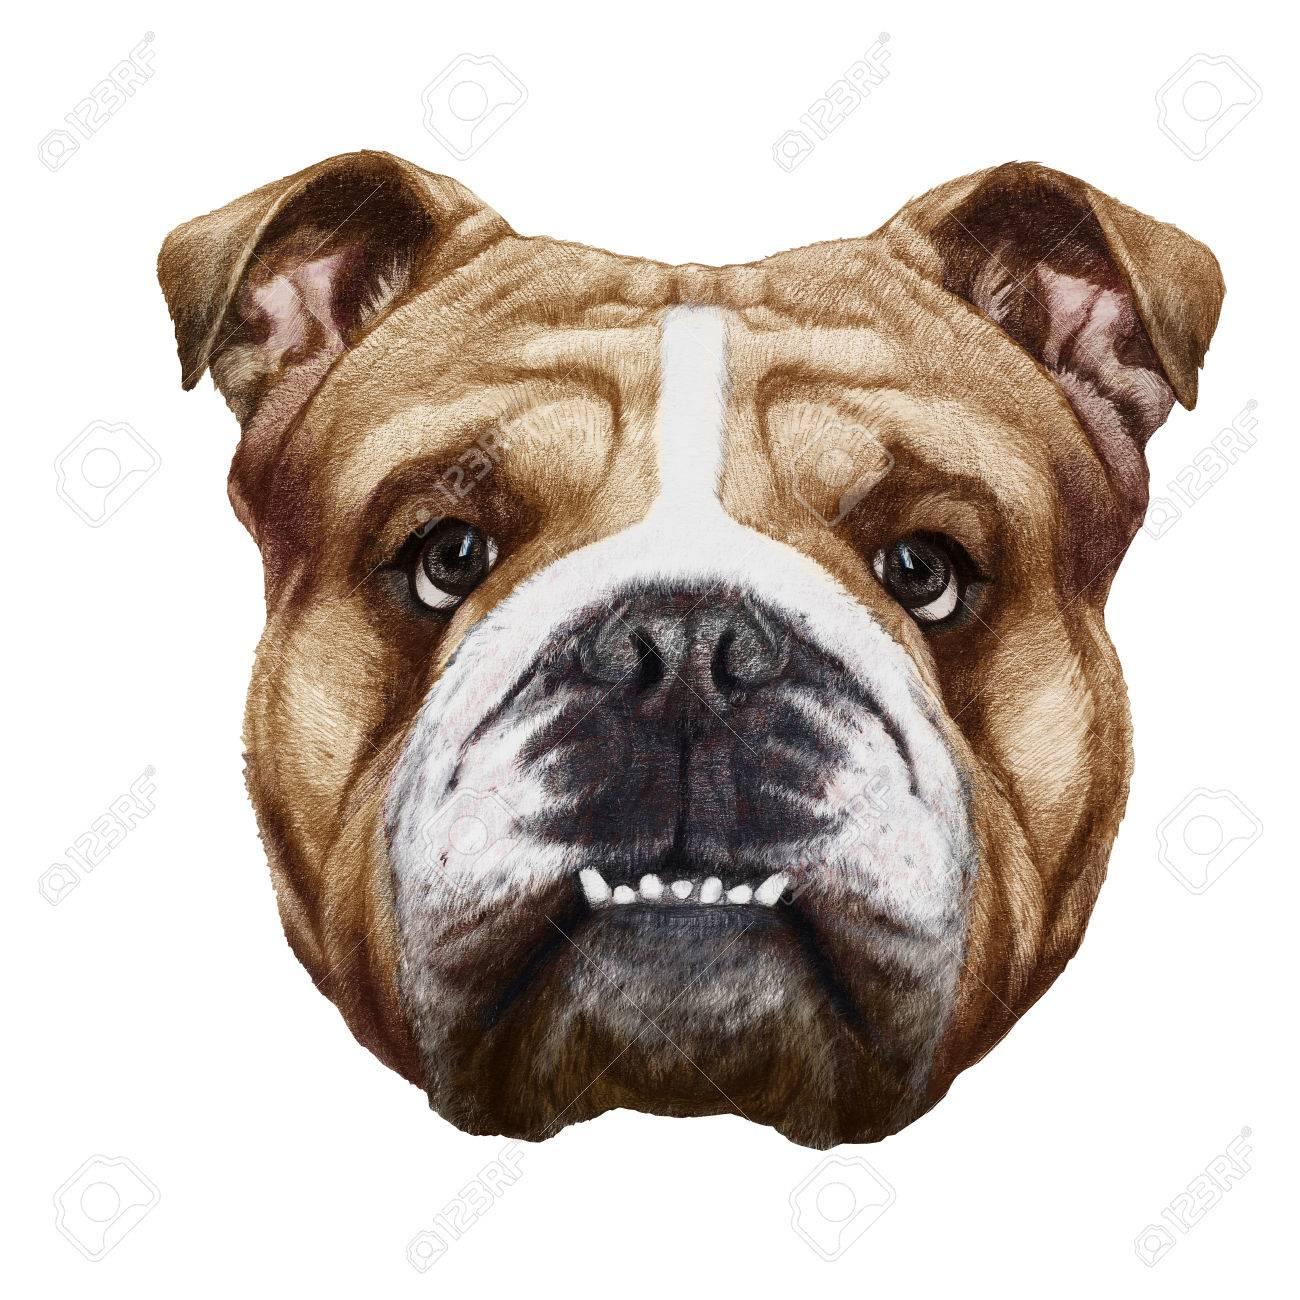 Original Drawing Of English Bulldog Isolated On White Background